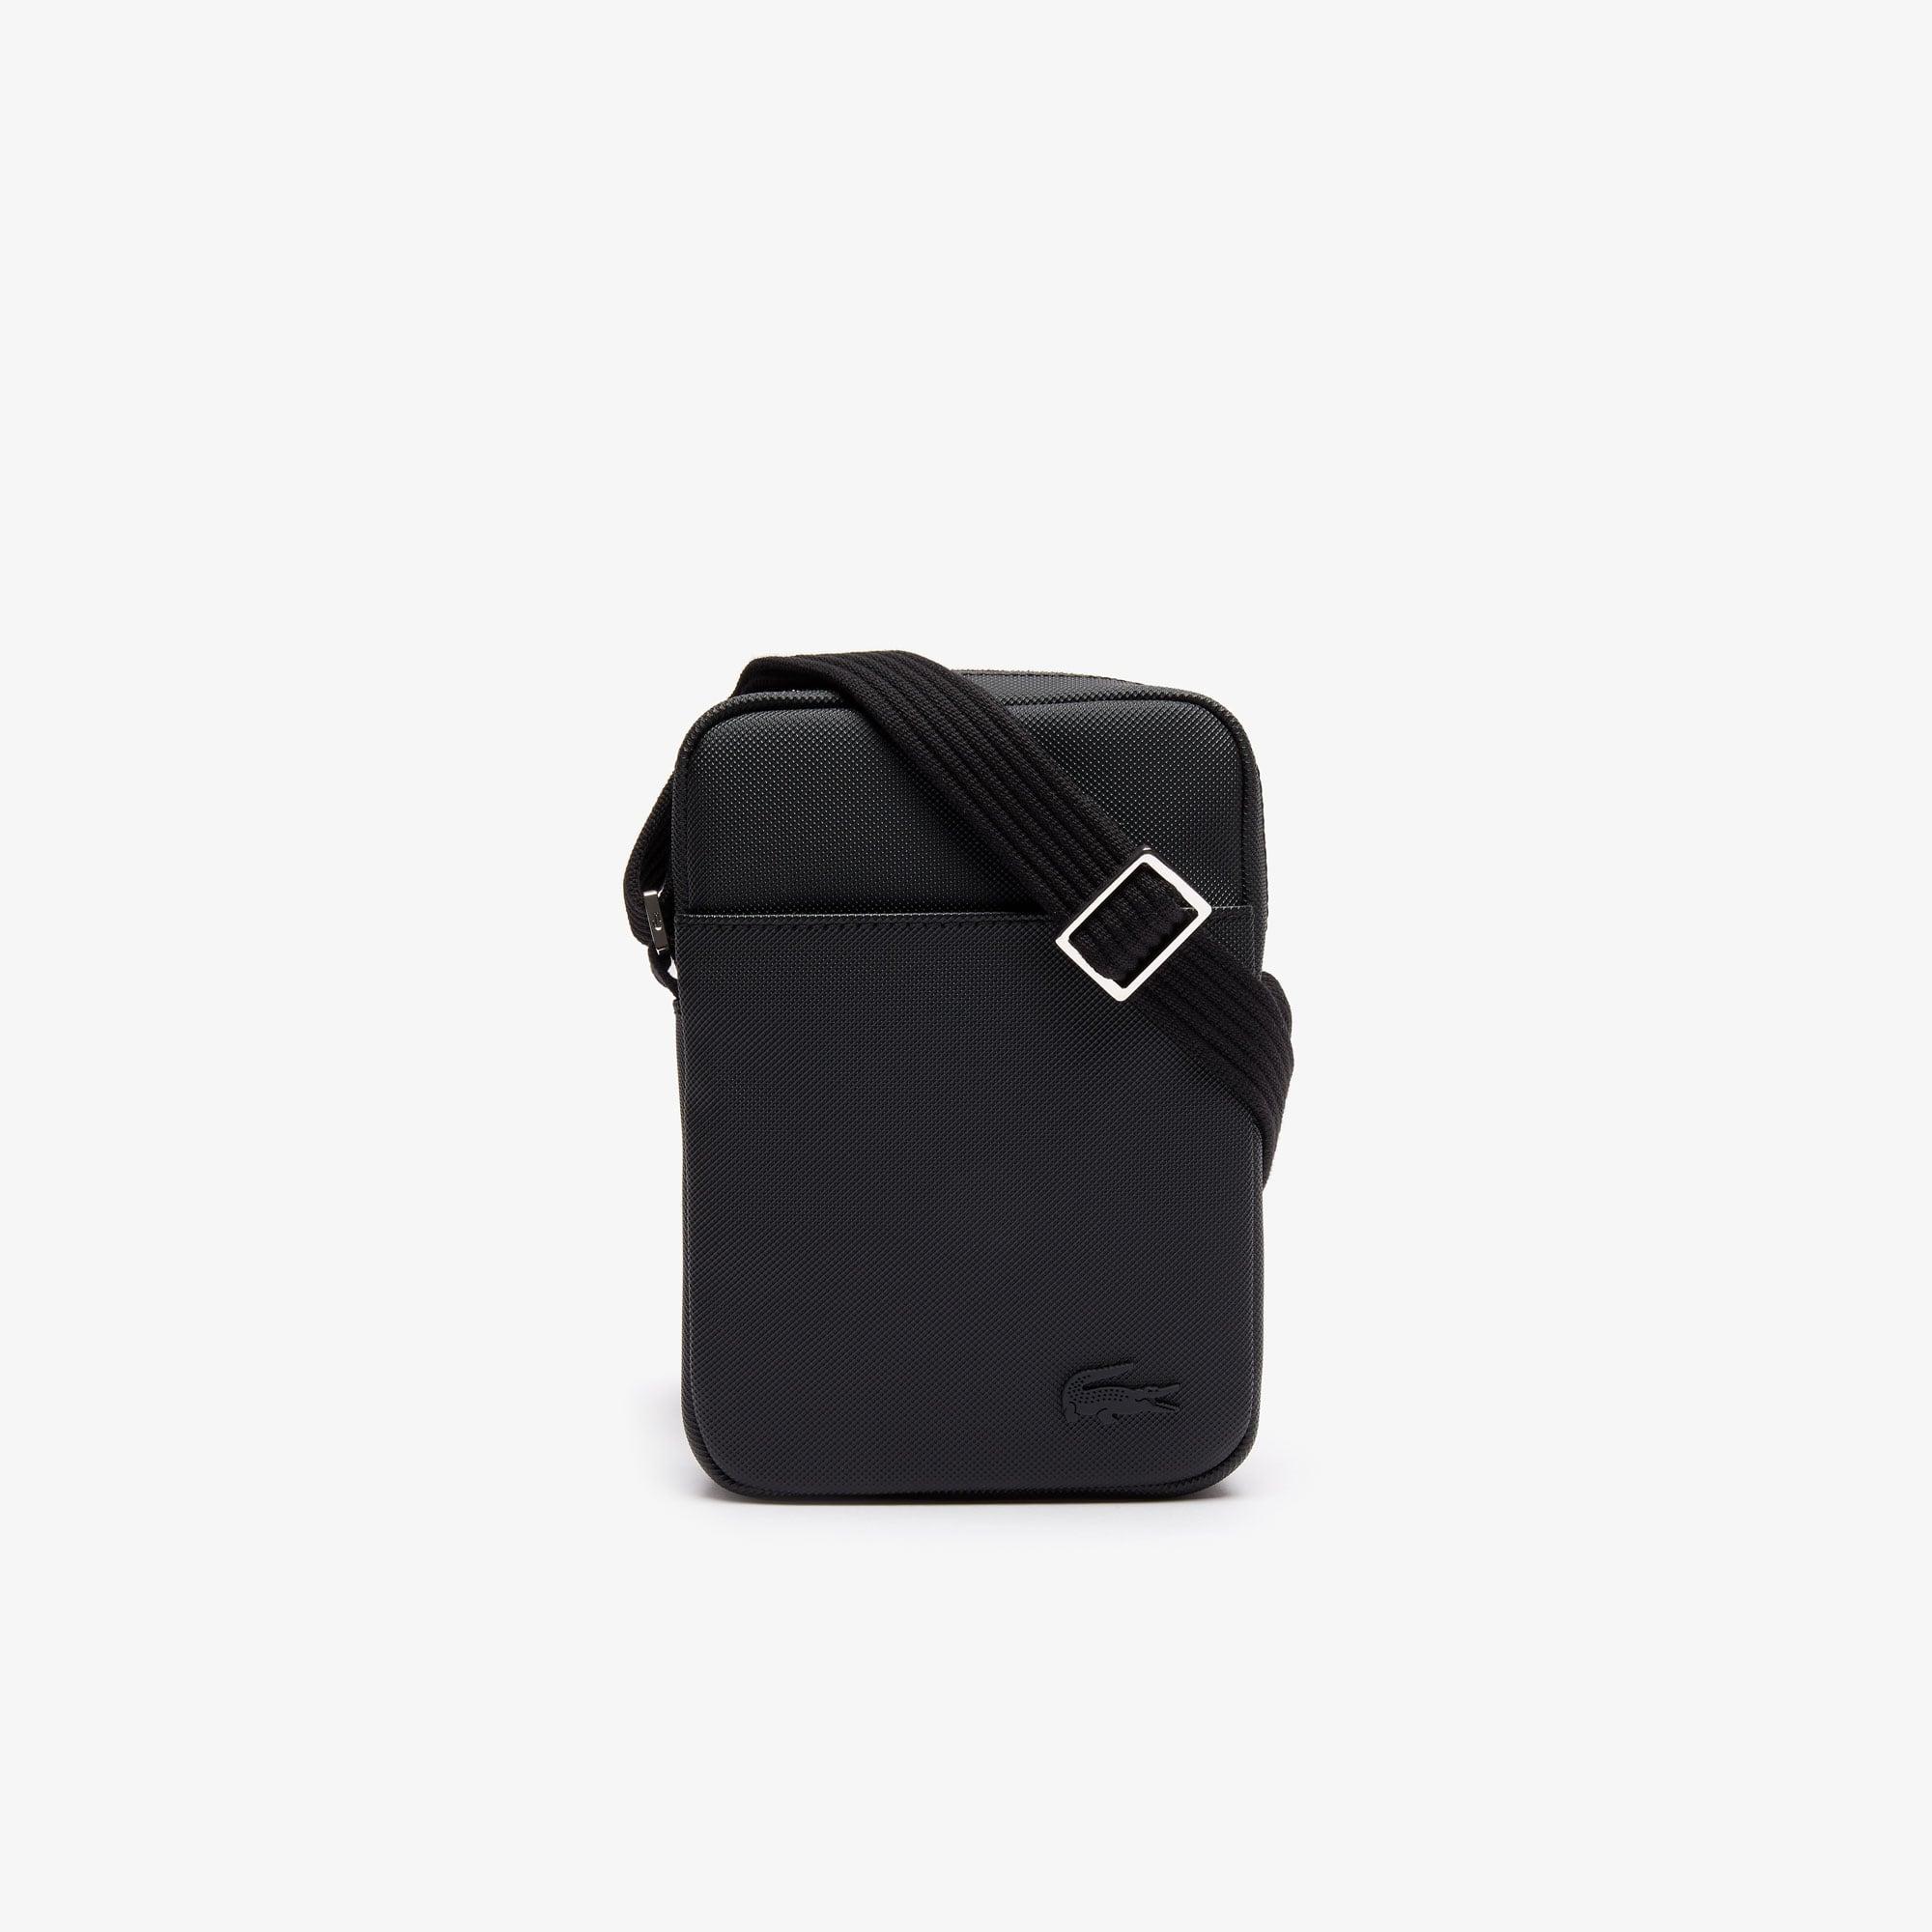 b4179229874 Men's Bags | Accessories | Lacoste